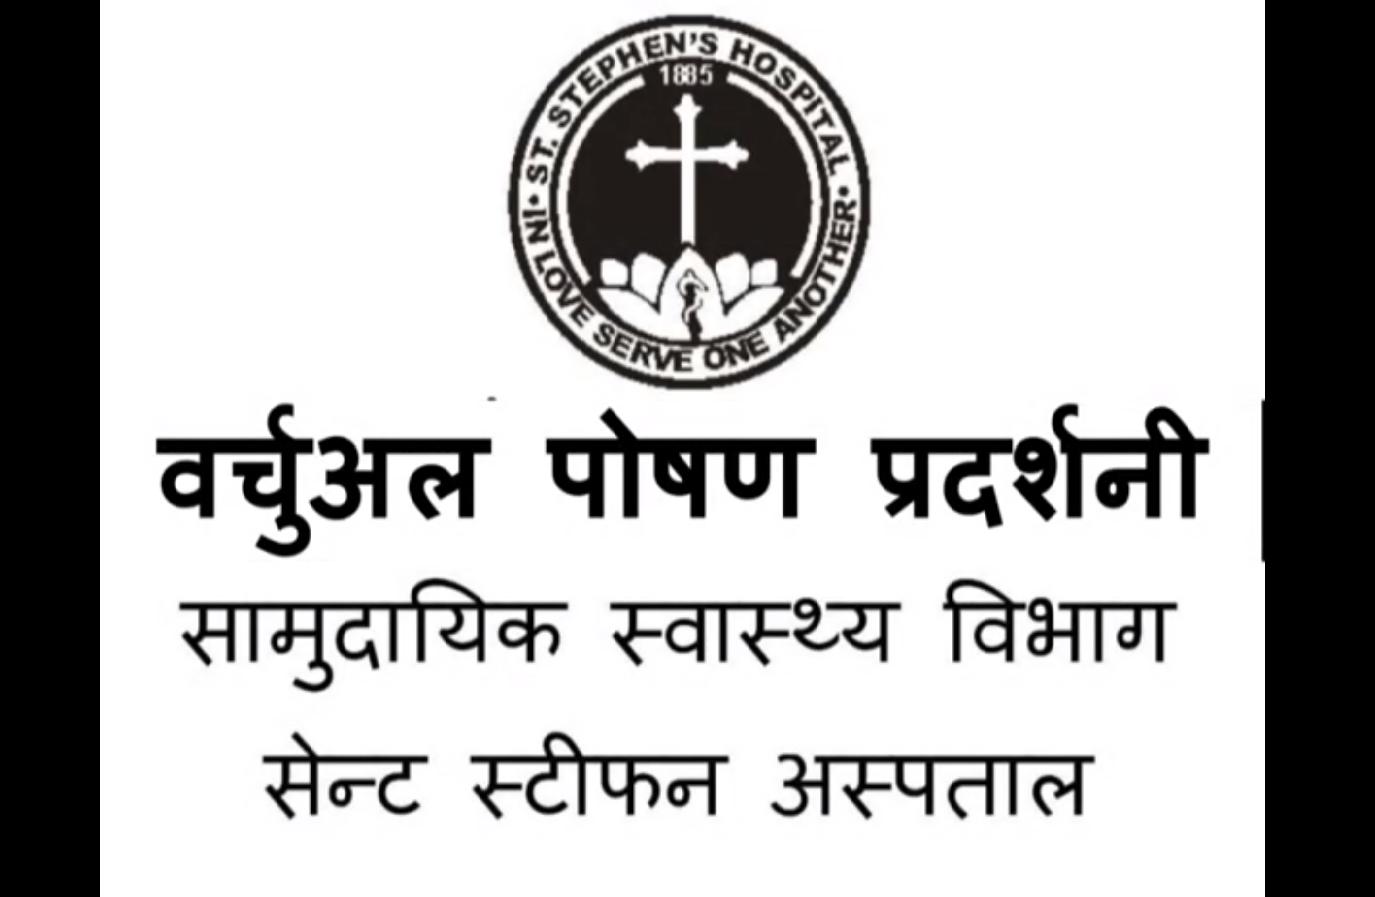 Virtual Poshan Pardarshni